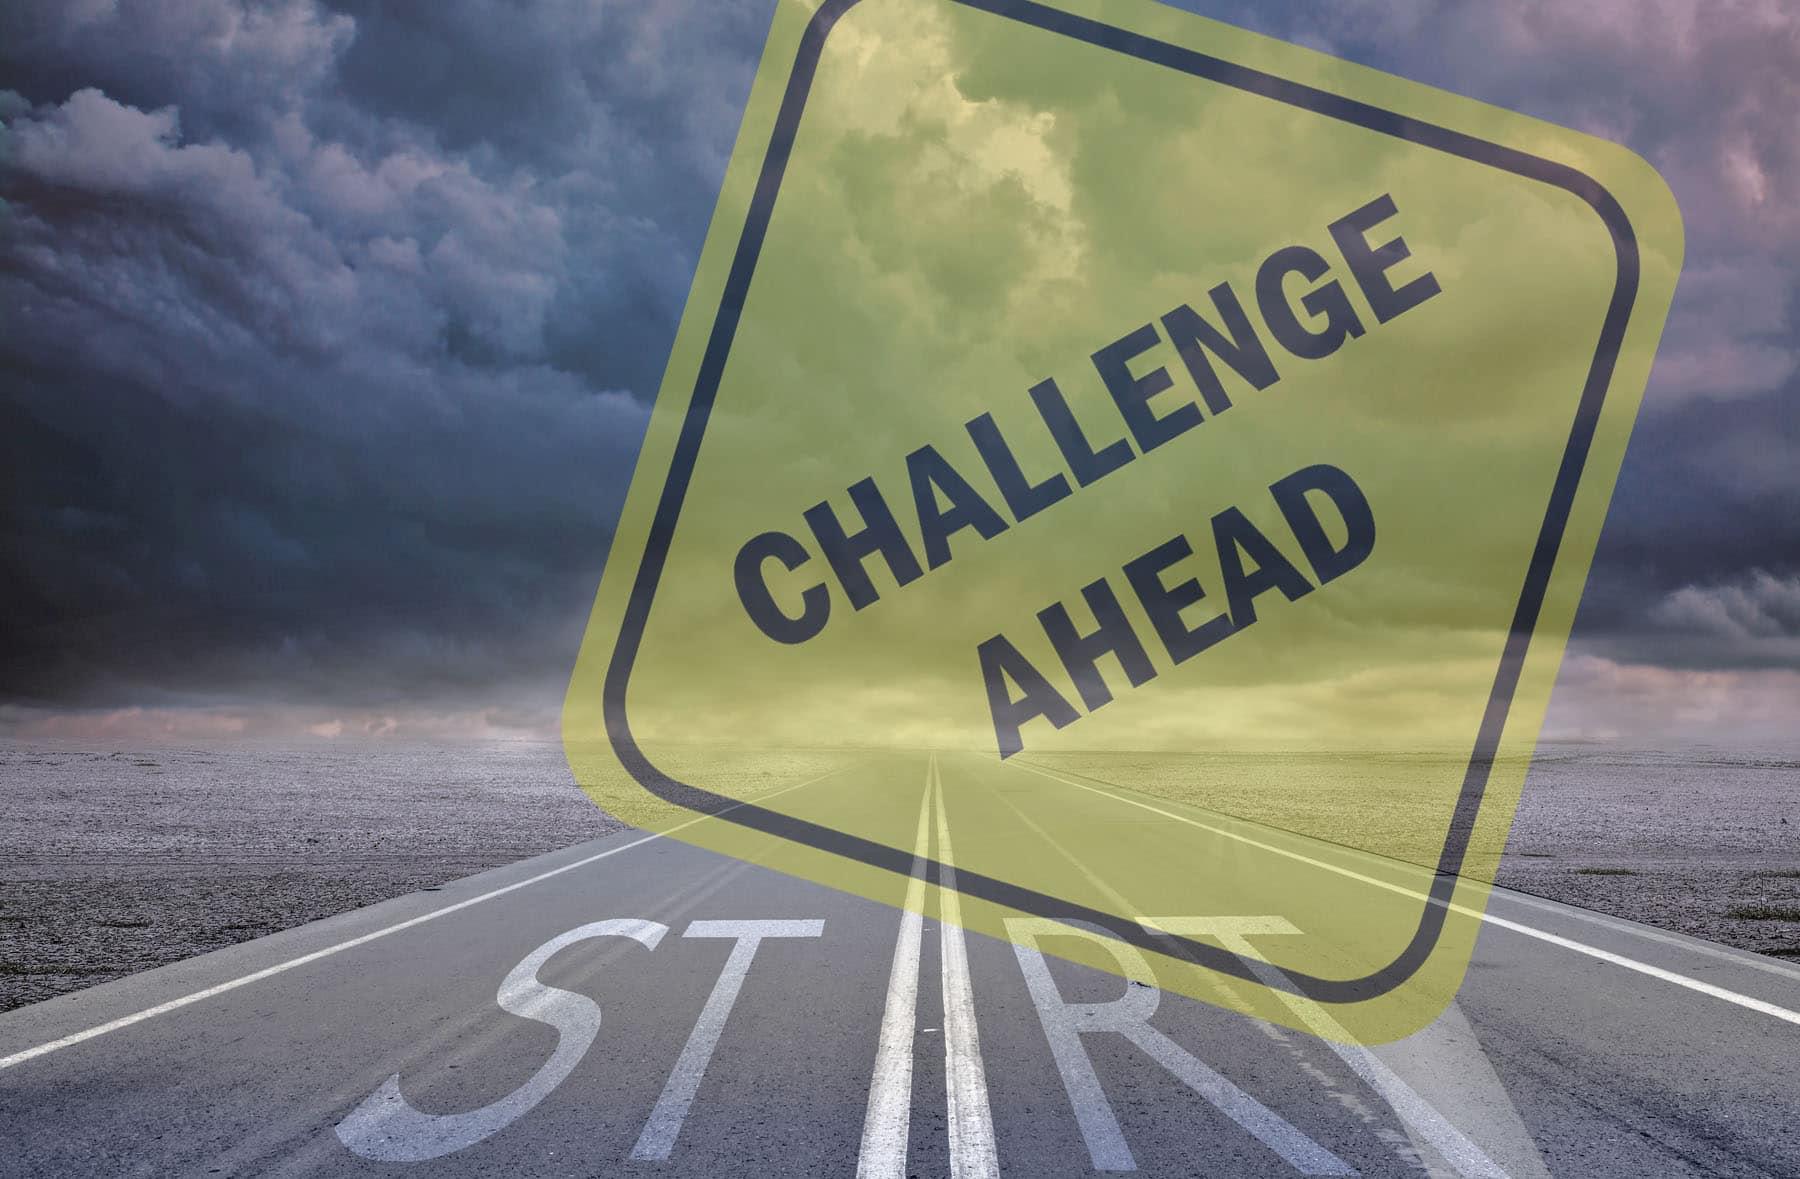 Challenges expeditionen